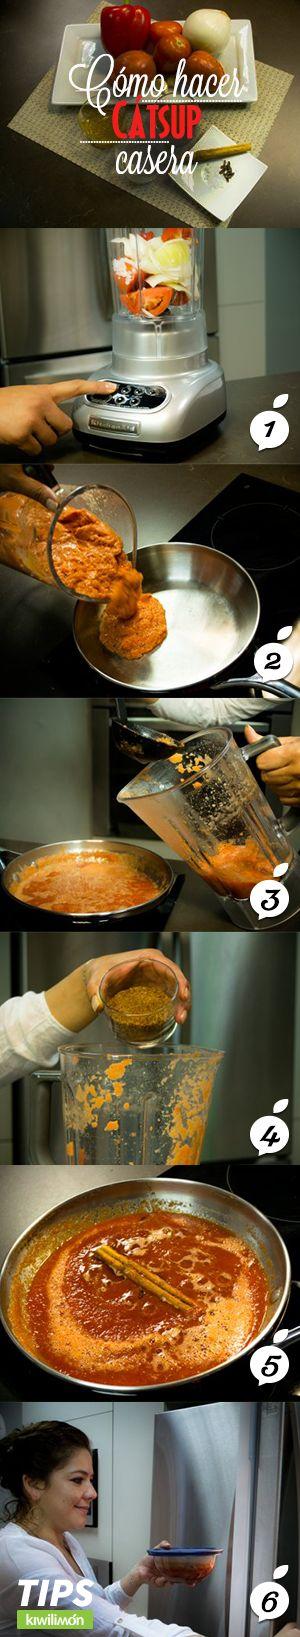 Te comparto mi secreto para saber la receta de como elaborar una deliciosa catsup casera con ingredientes sanos y fáciles de conseguir.